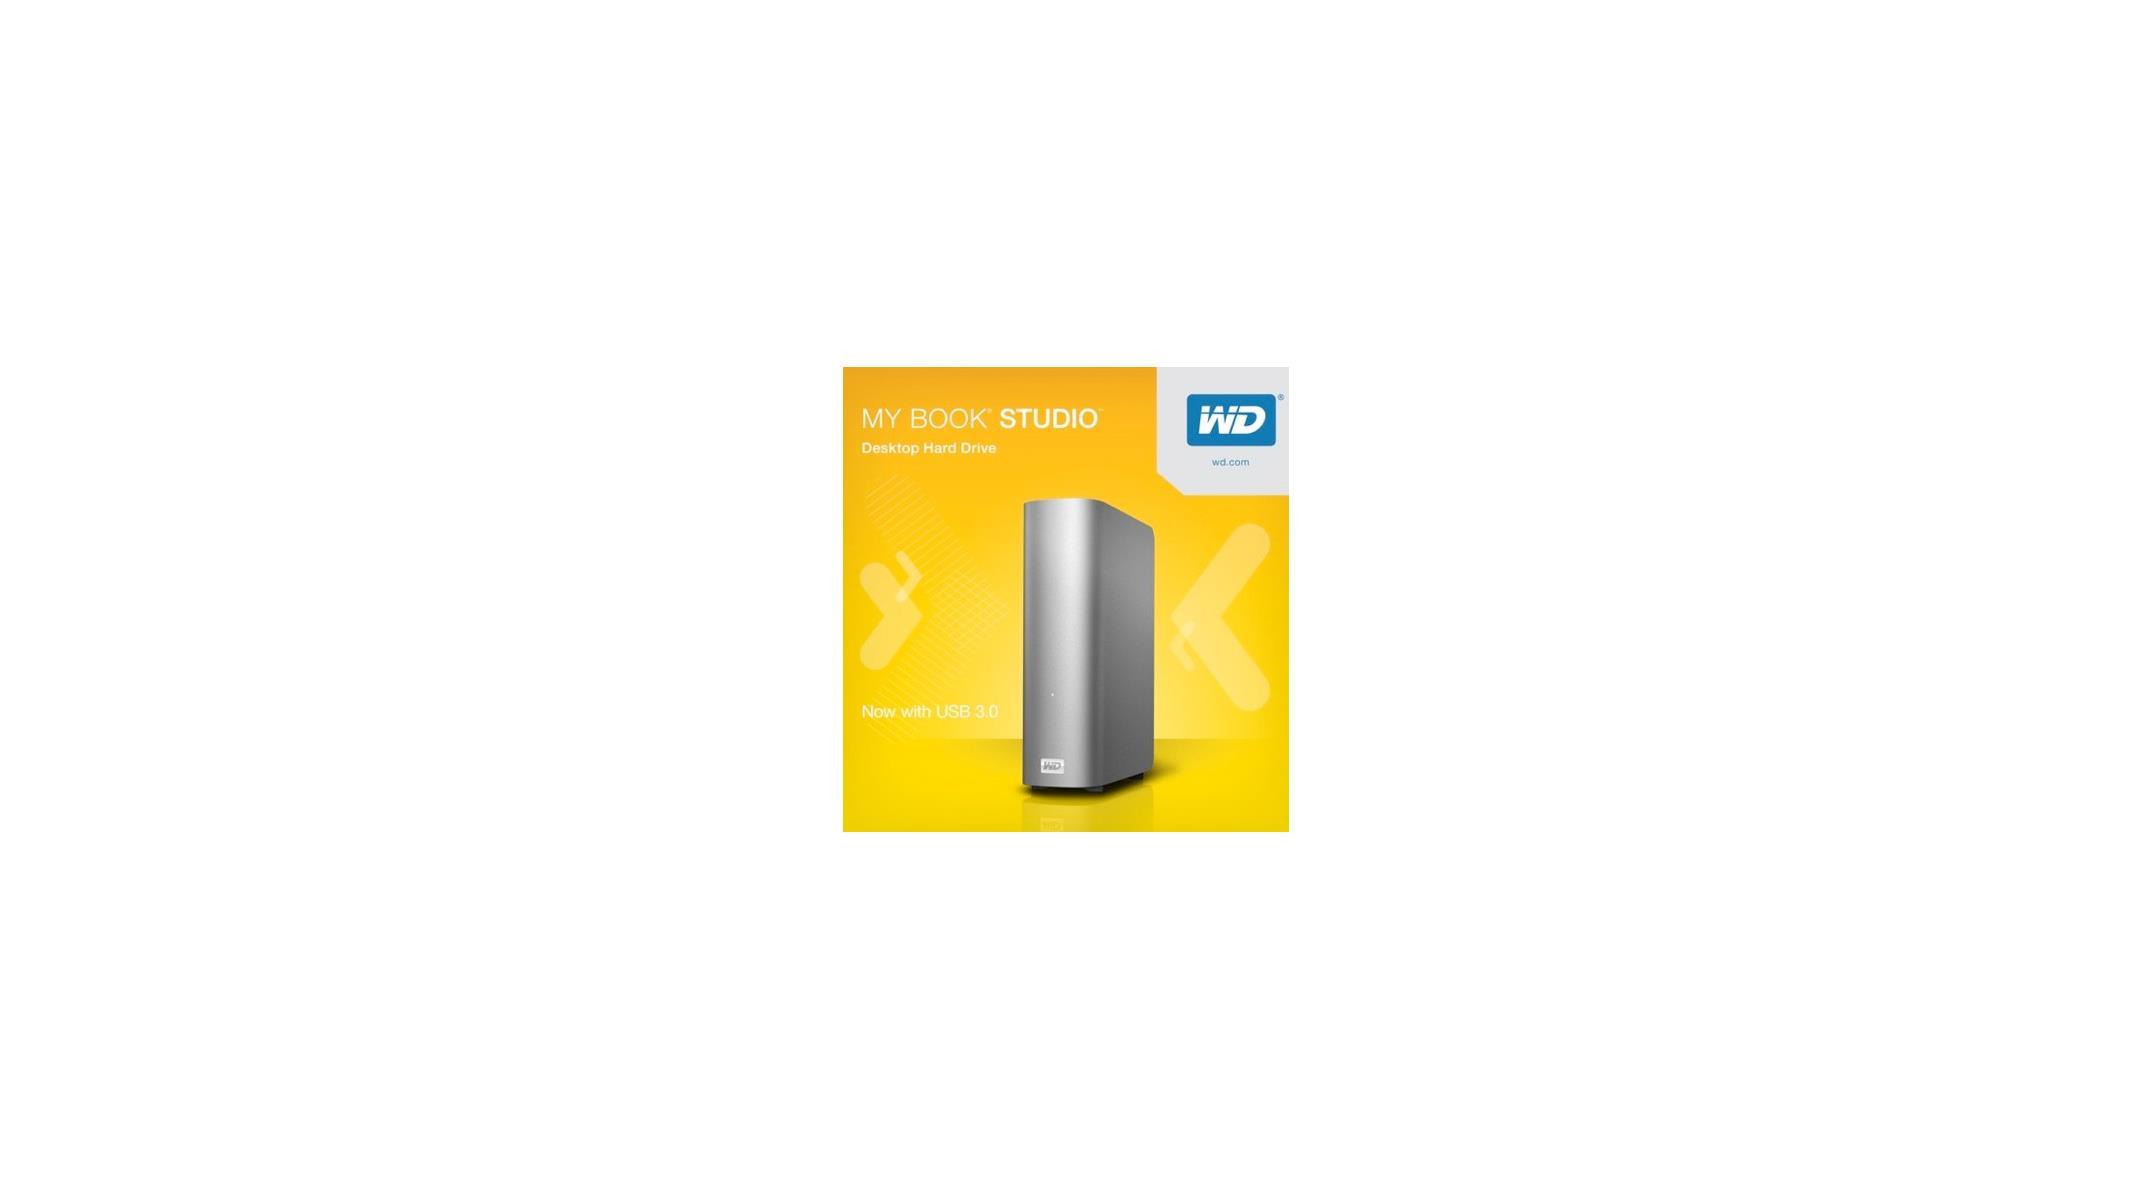 Western Digital Intros 4TB USB 3 0 My Book Studio External